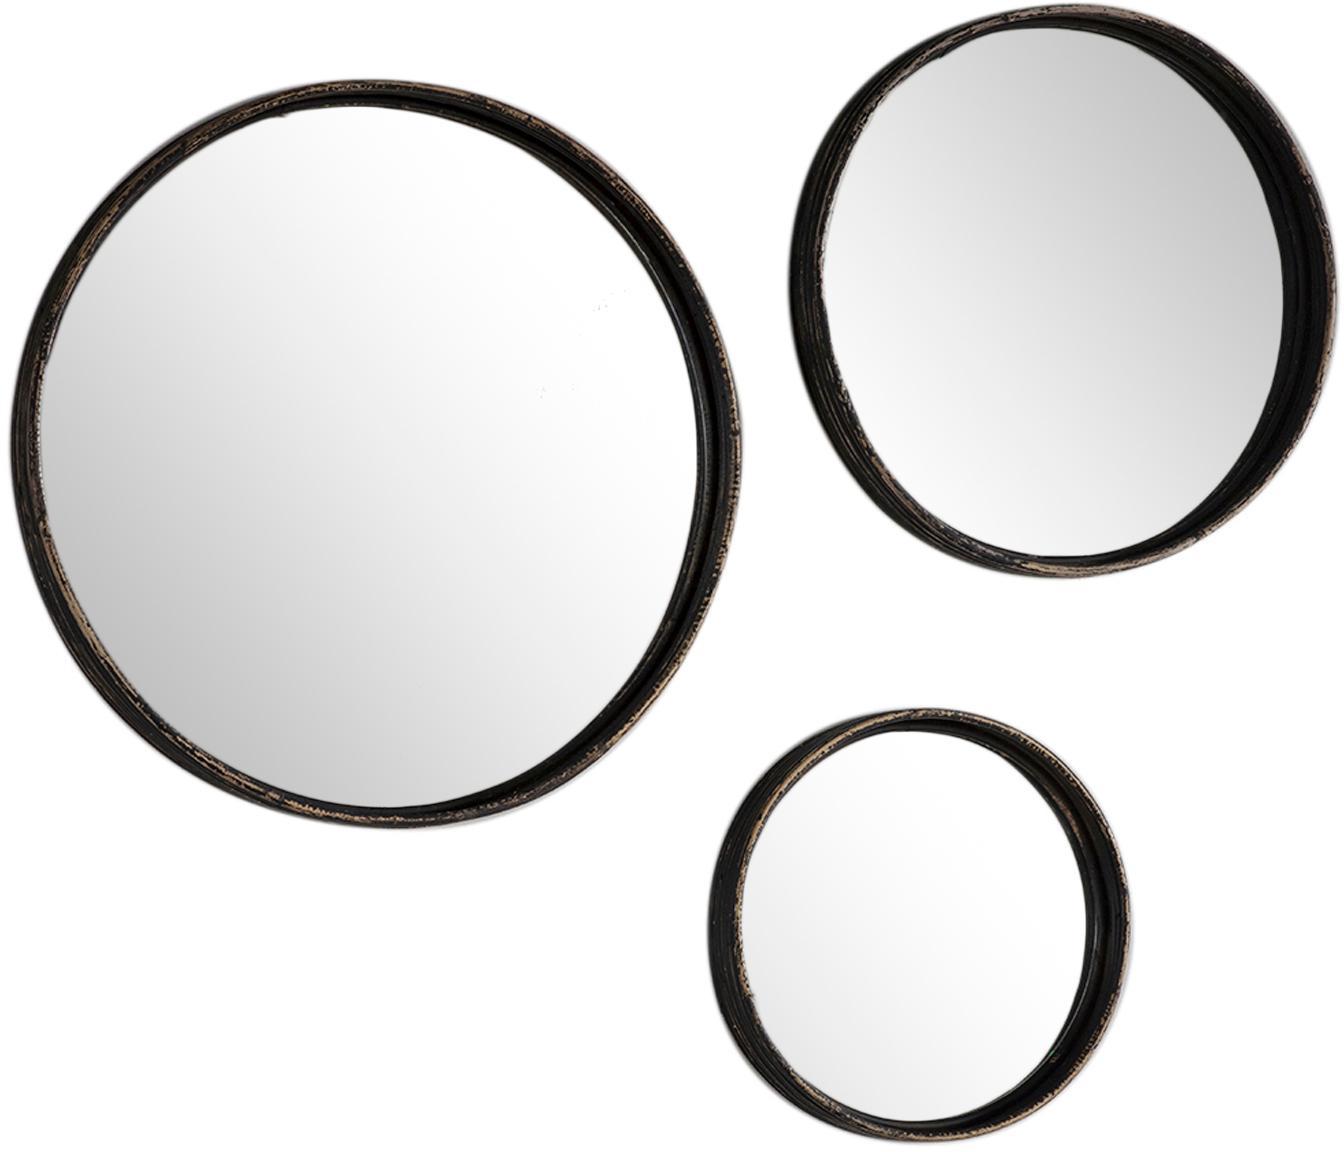 Komplet okrągłych luster ściennych z rattanową ramą Ricos, 3 elem., Ciemnobrązowy, czarny, Komplet z różnymi rozmiarami